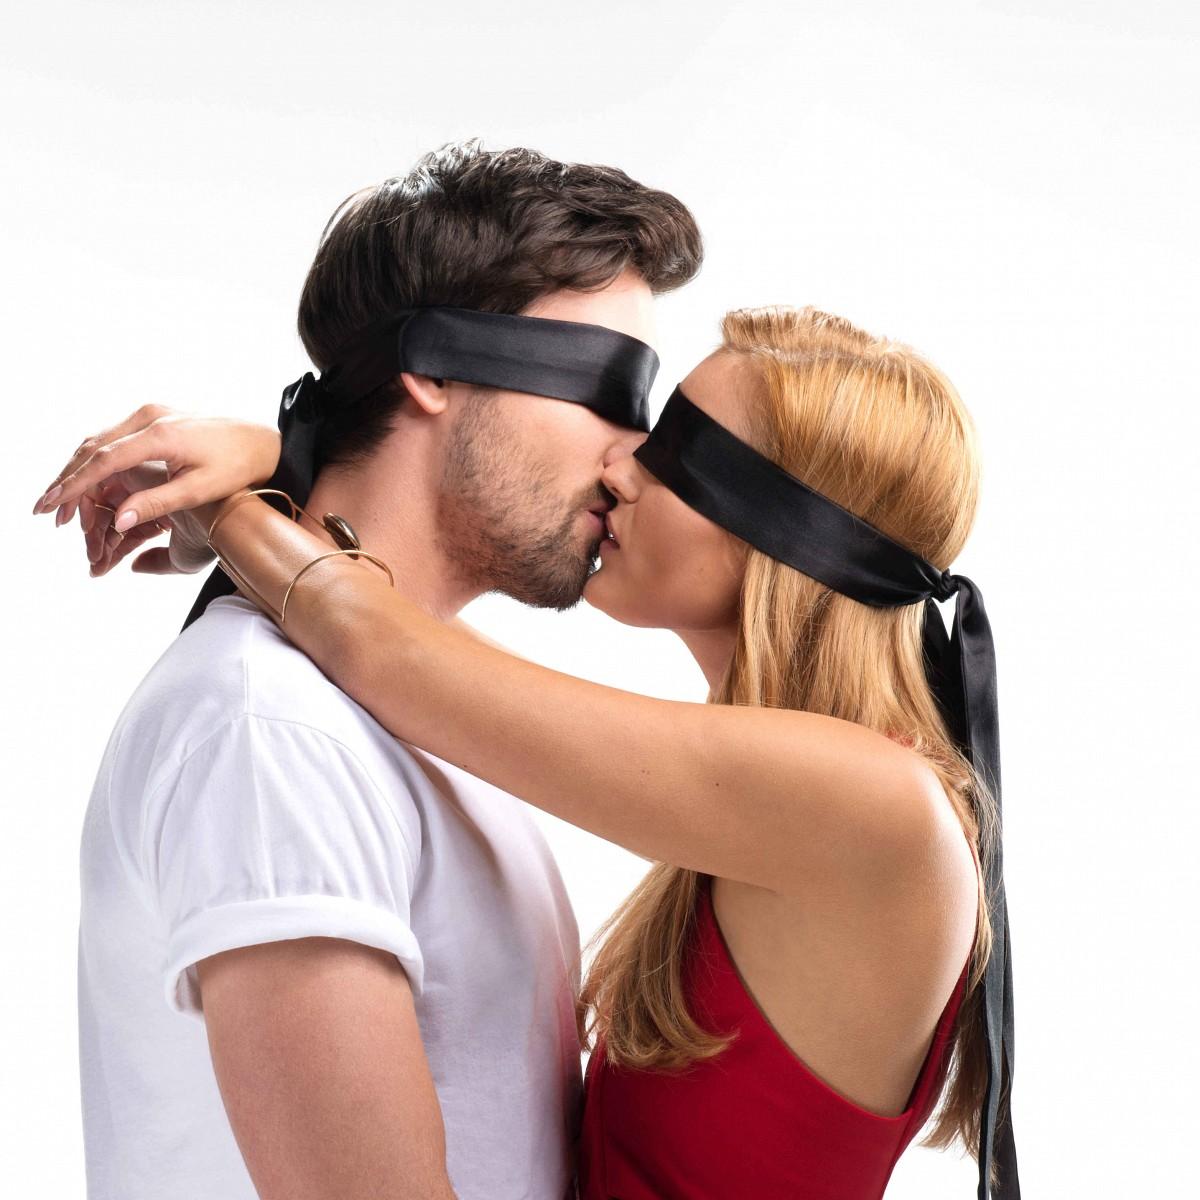 Kiss Bang Love: ProSieben verspricht authentischste